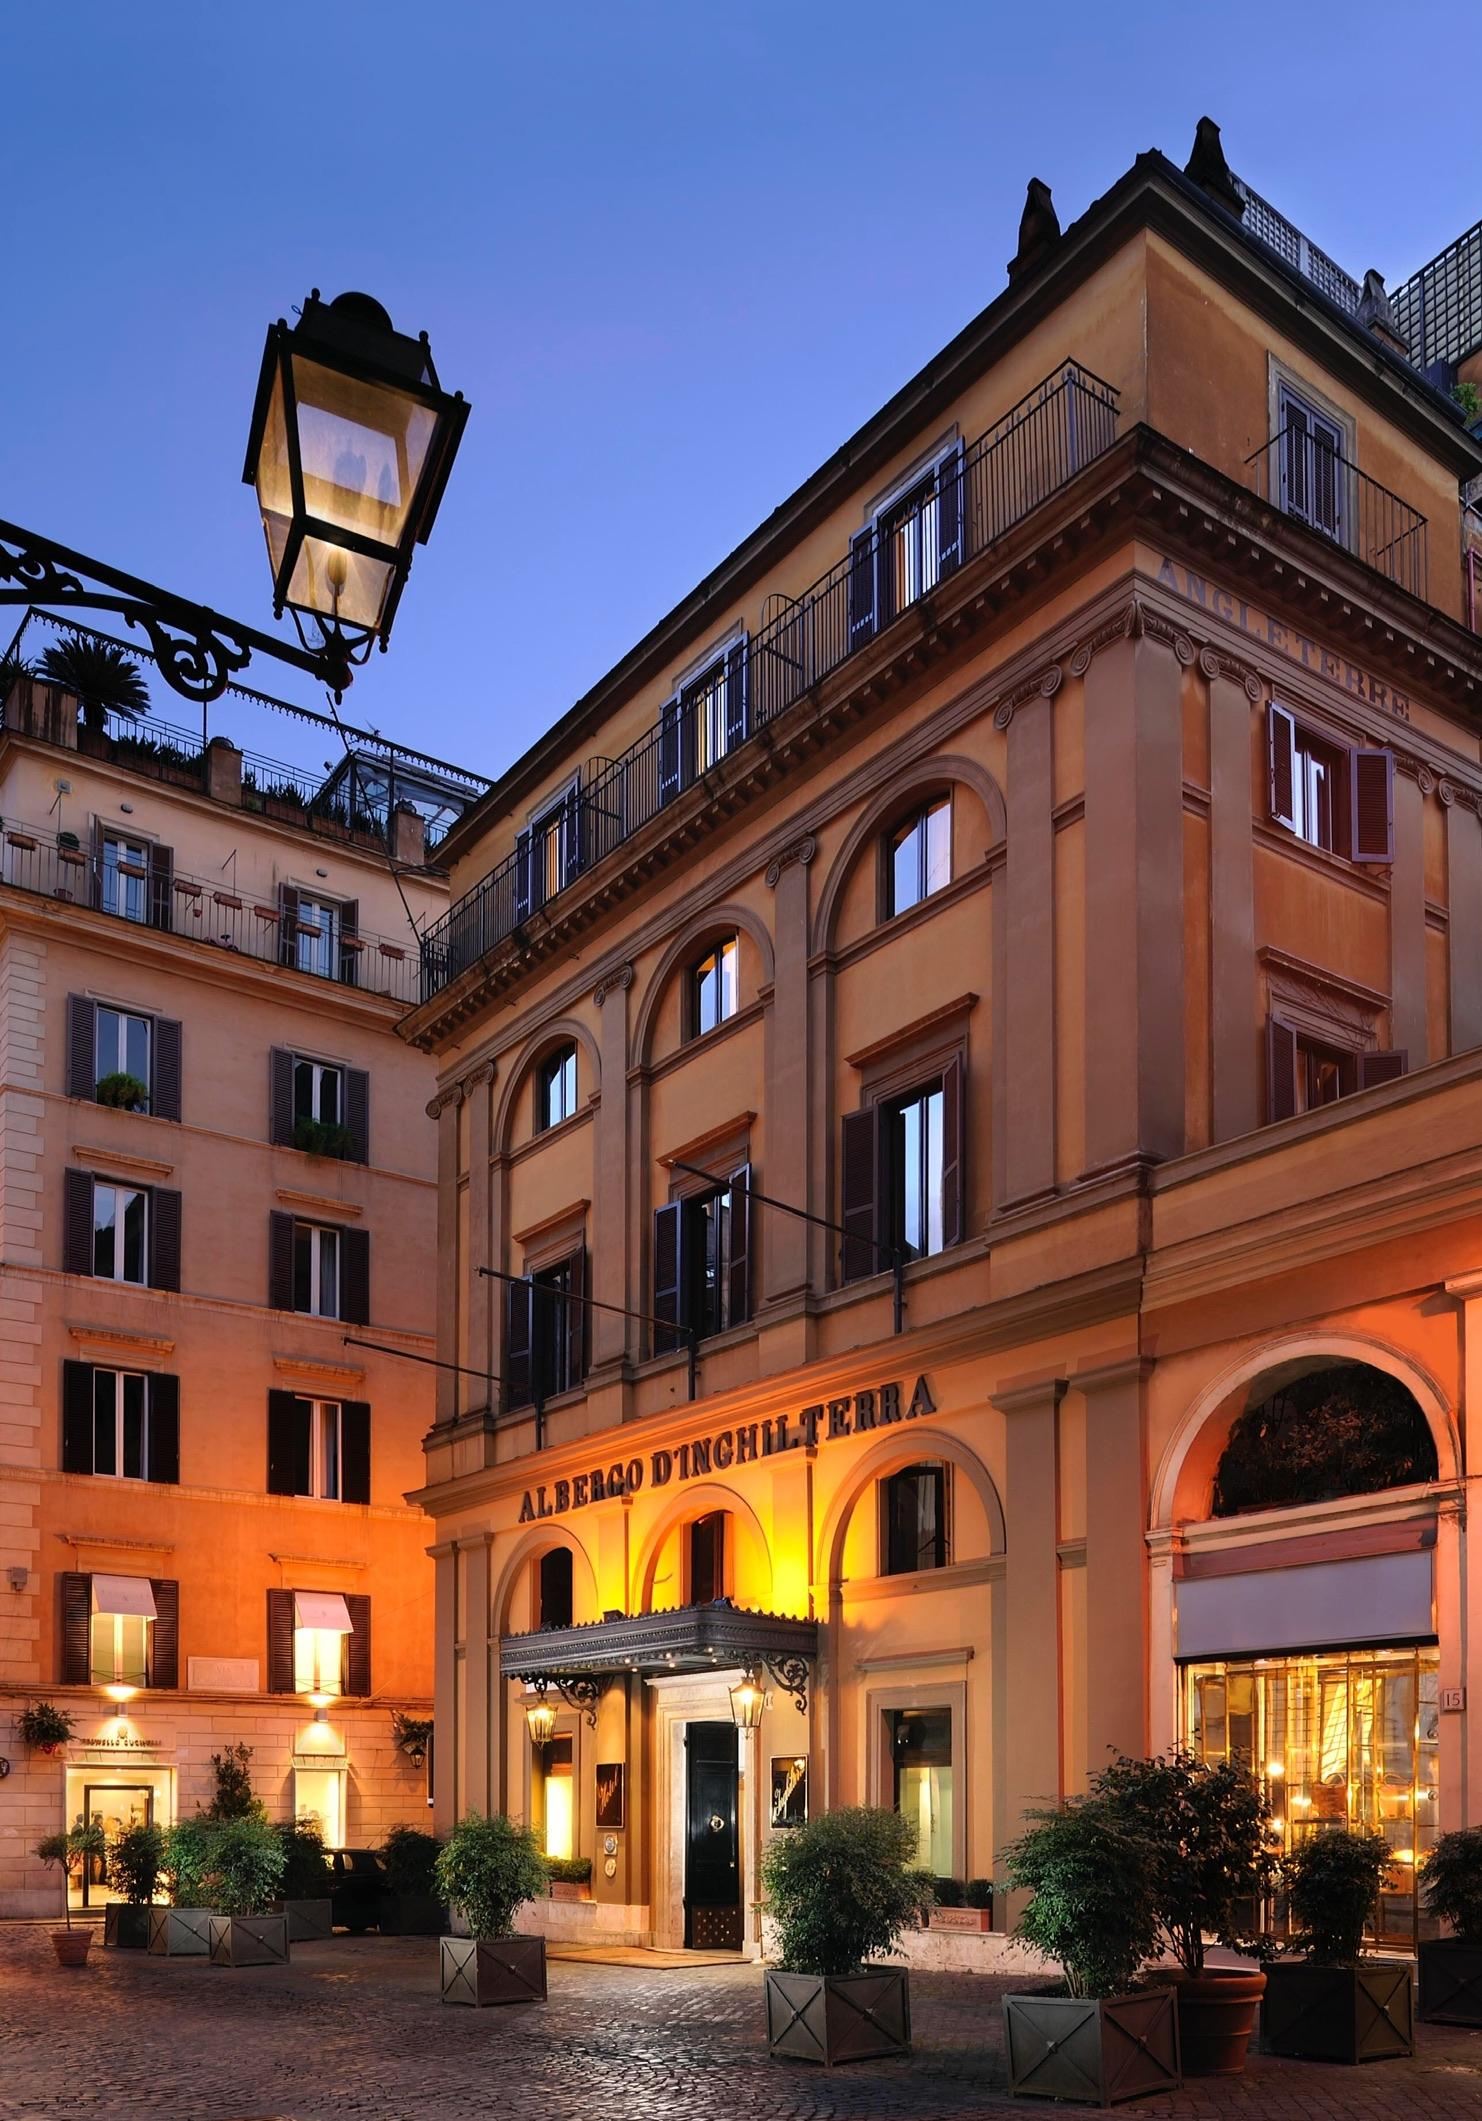 La grande bellezza dell'Hotel d'Inghilterra